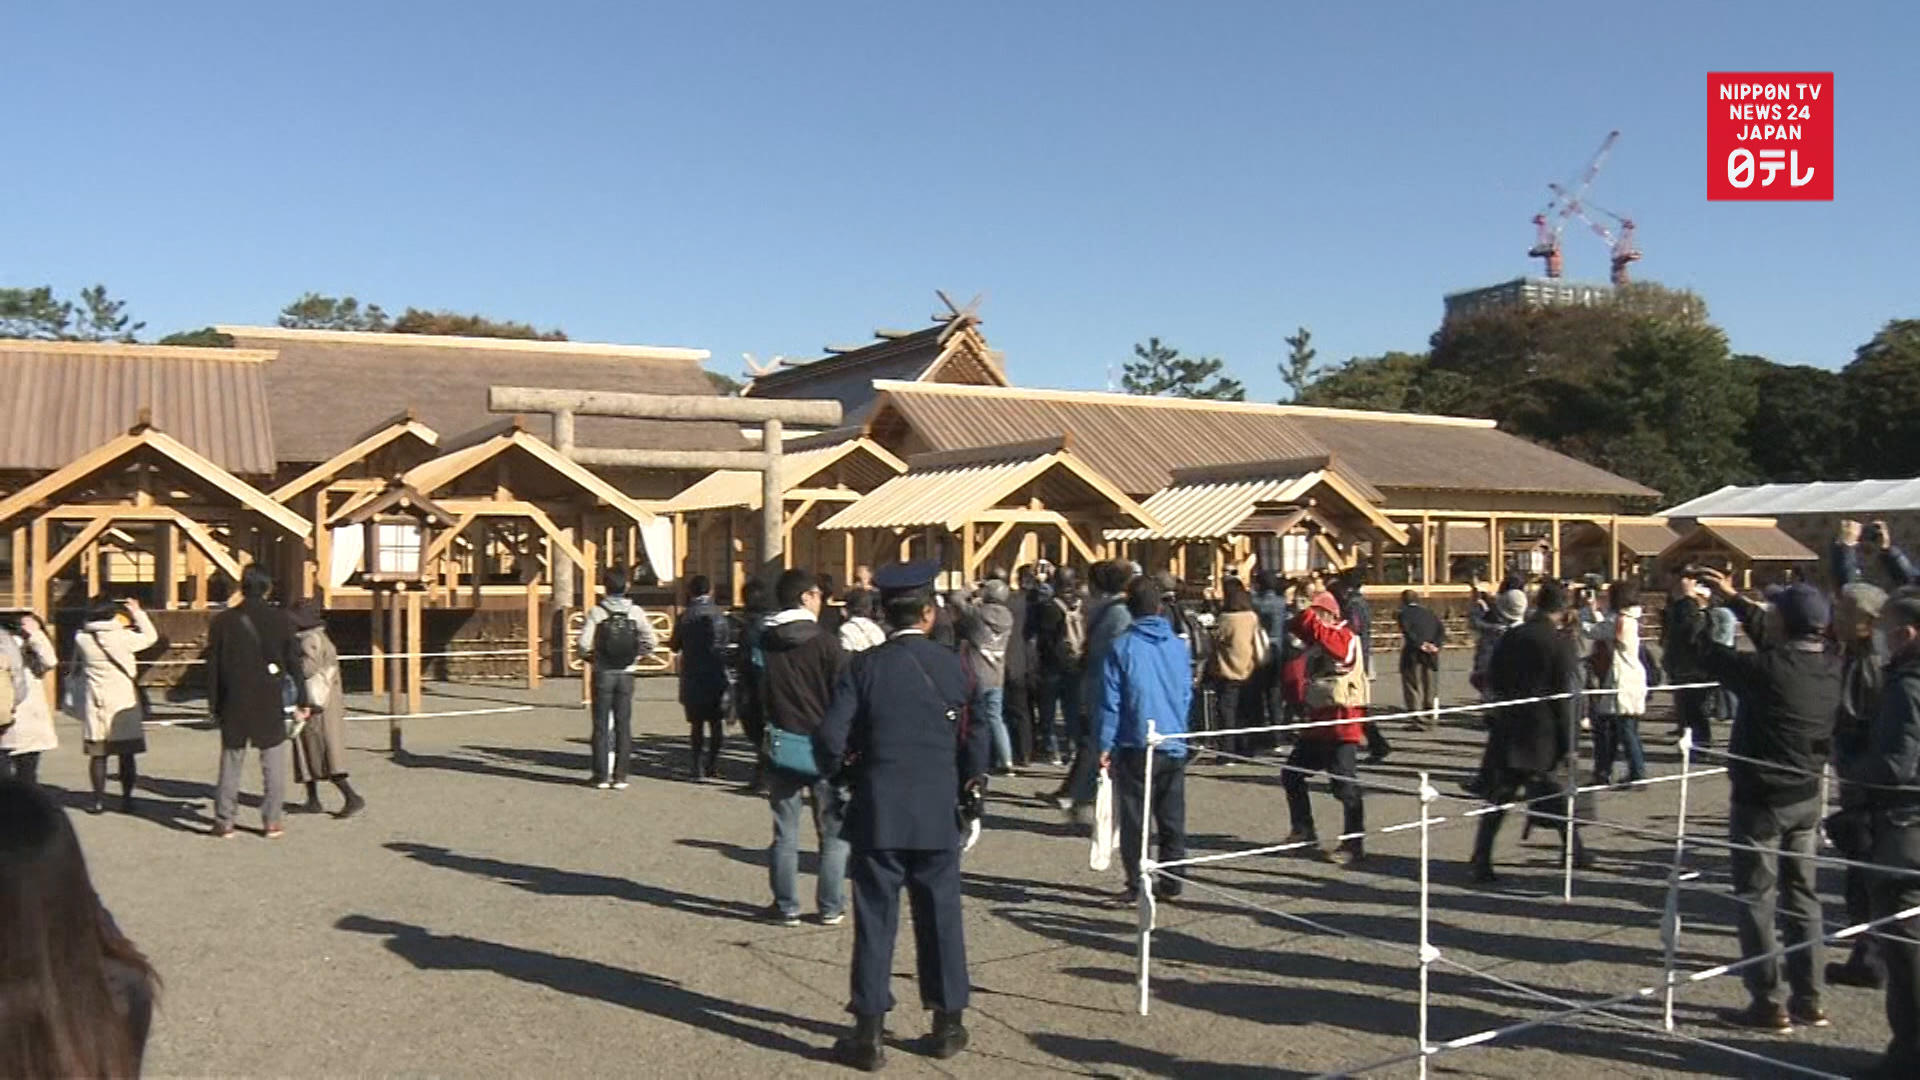 Daijosai imperial succession rite venue open to public